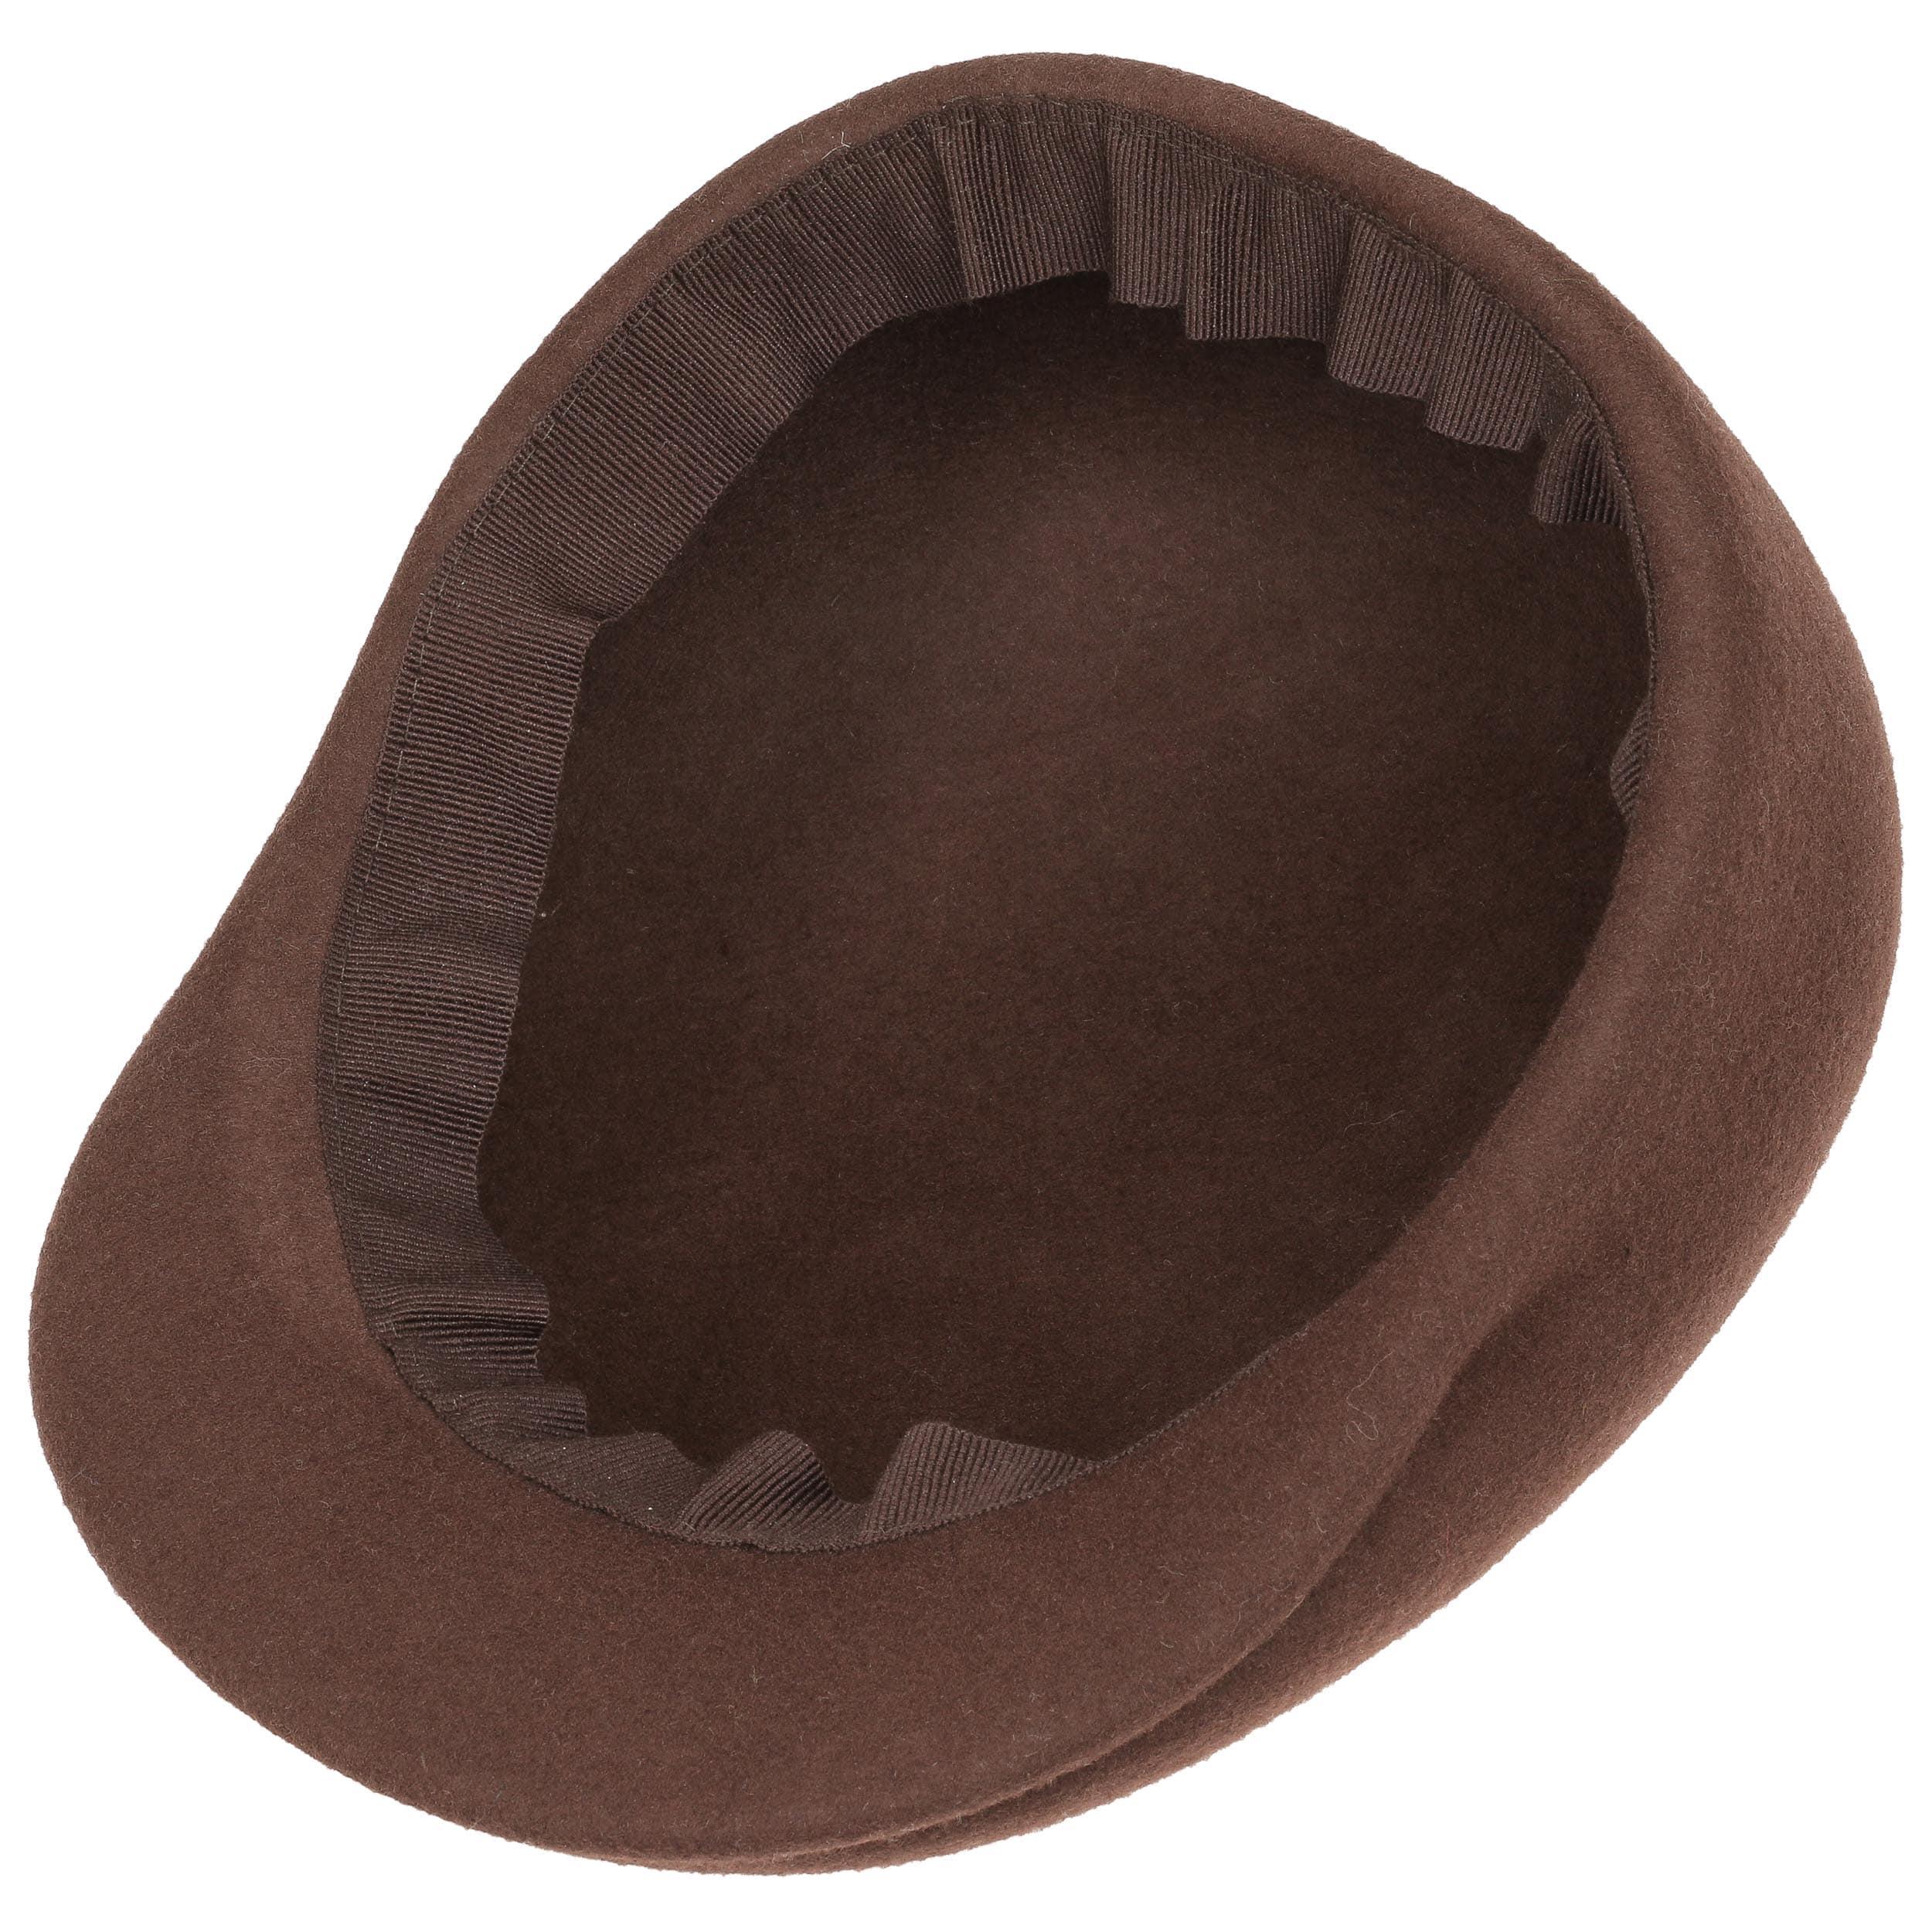 Gorra de Fieltro by Lipodo - Gorras - sombreroshop.es 0b92376c1e3